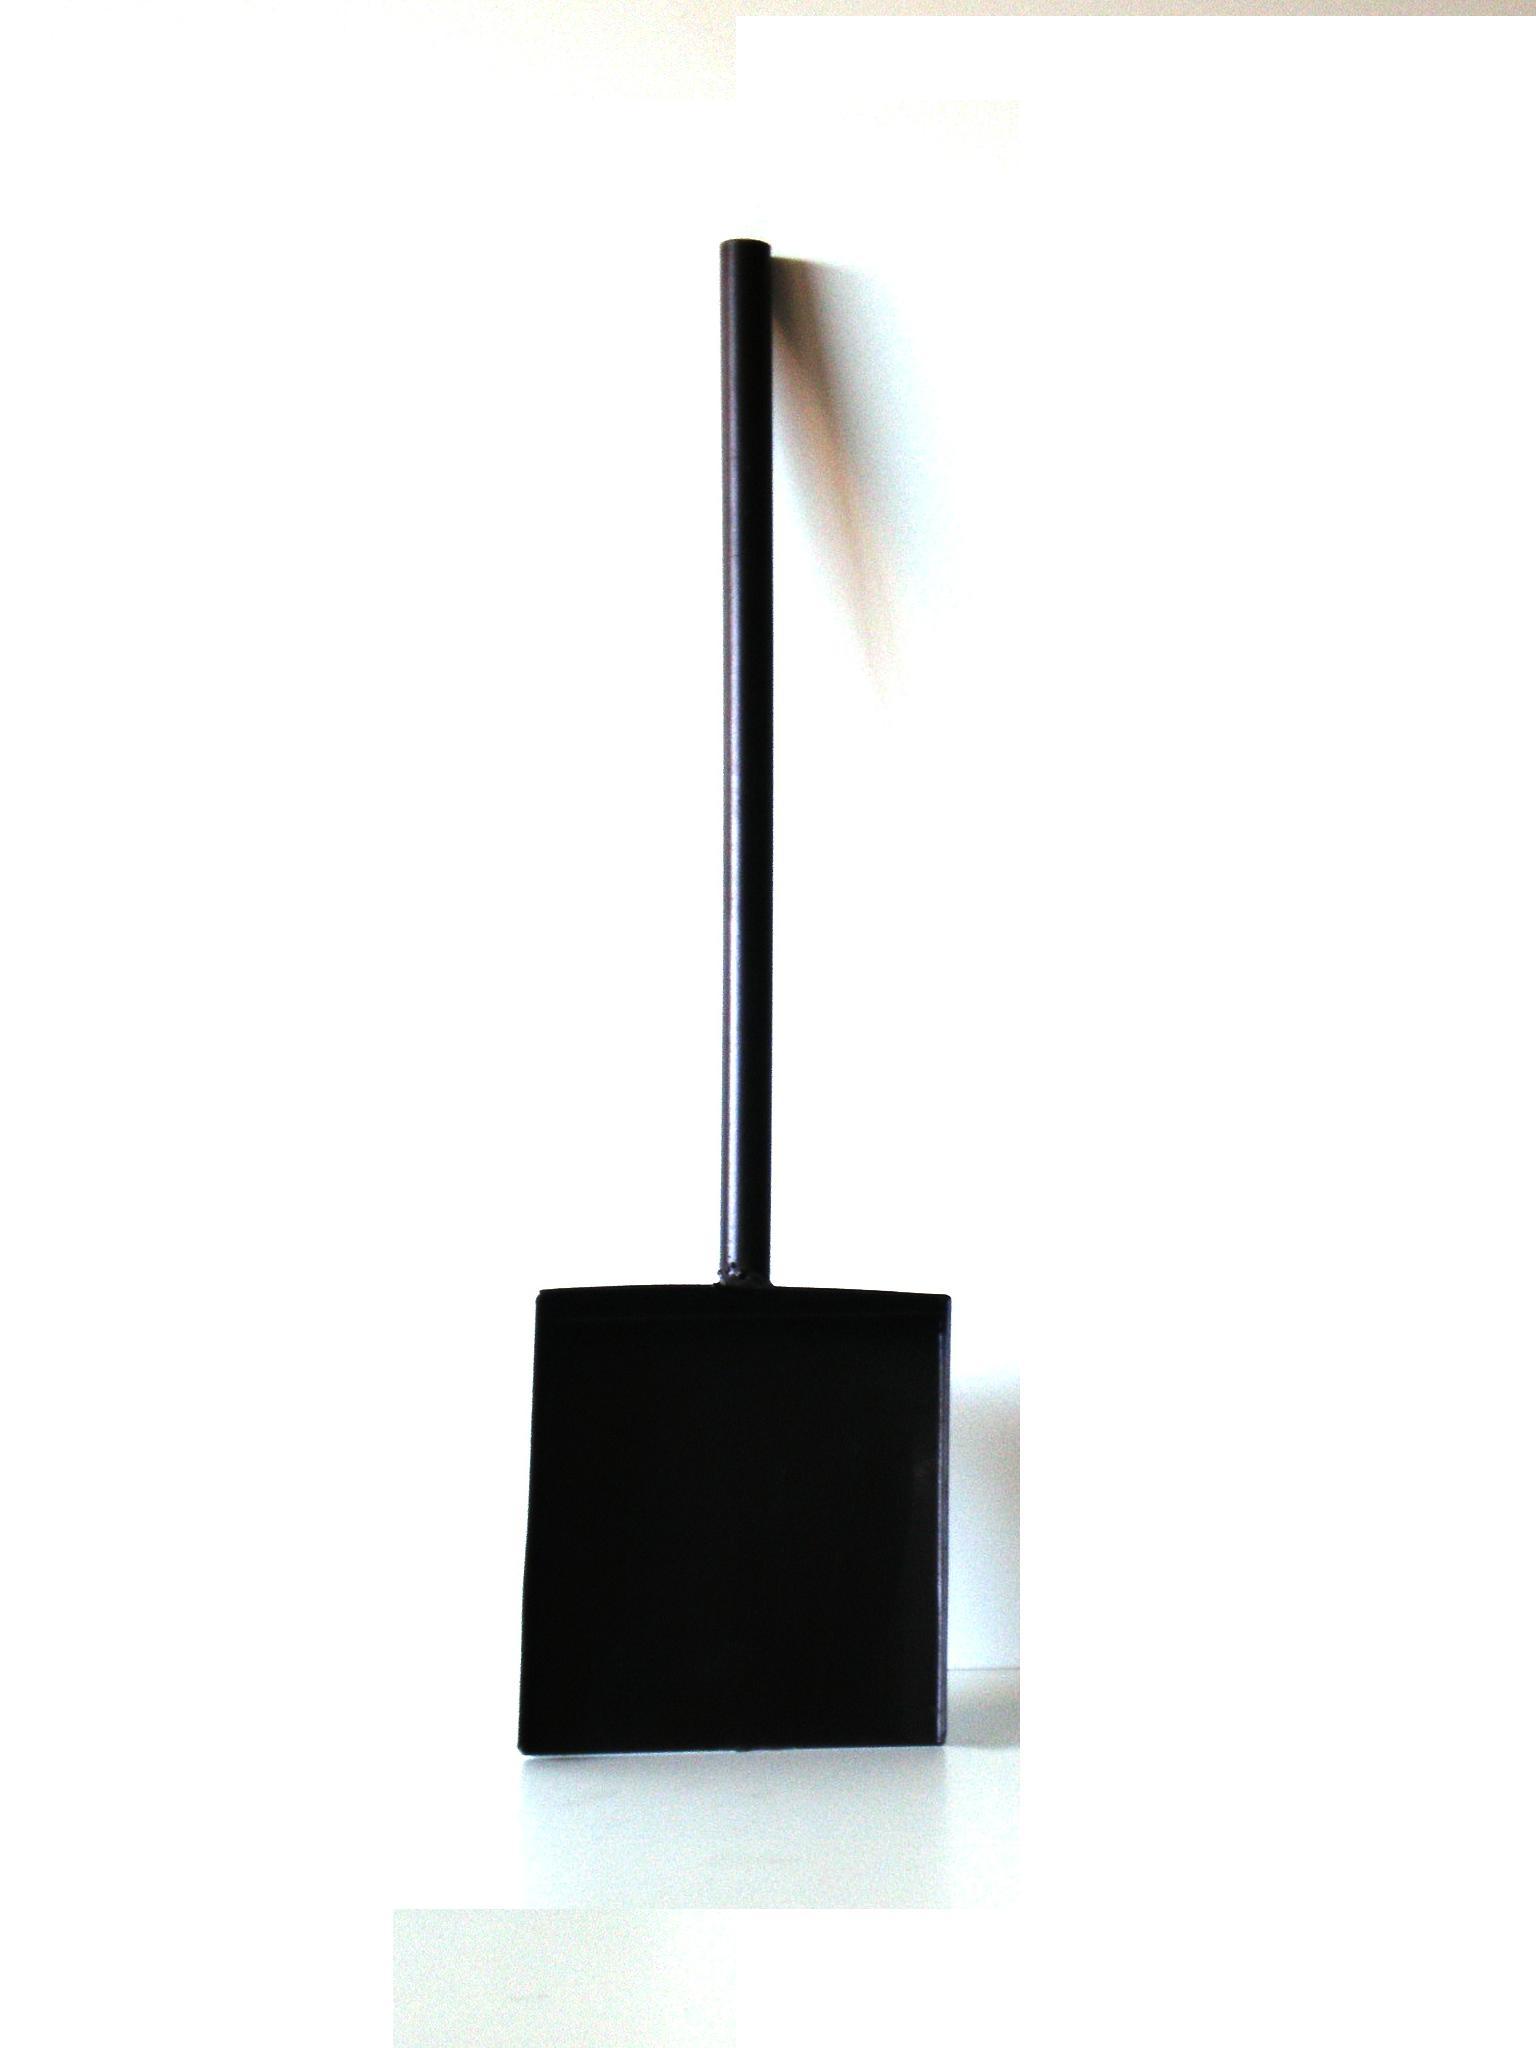 Φτυάρι Τζακιού Μαύρο Ψηλό – Β – 3-ex5